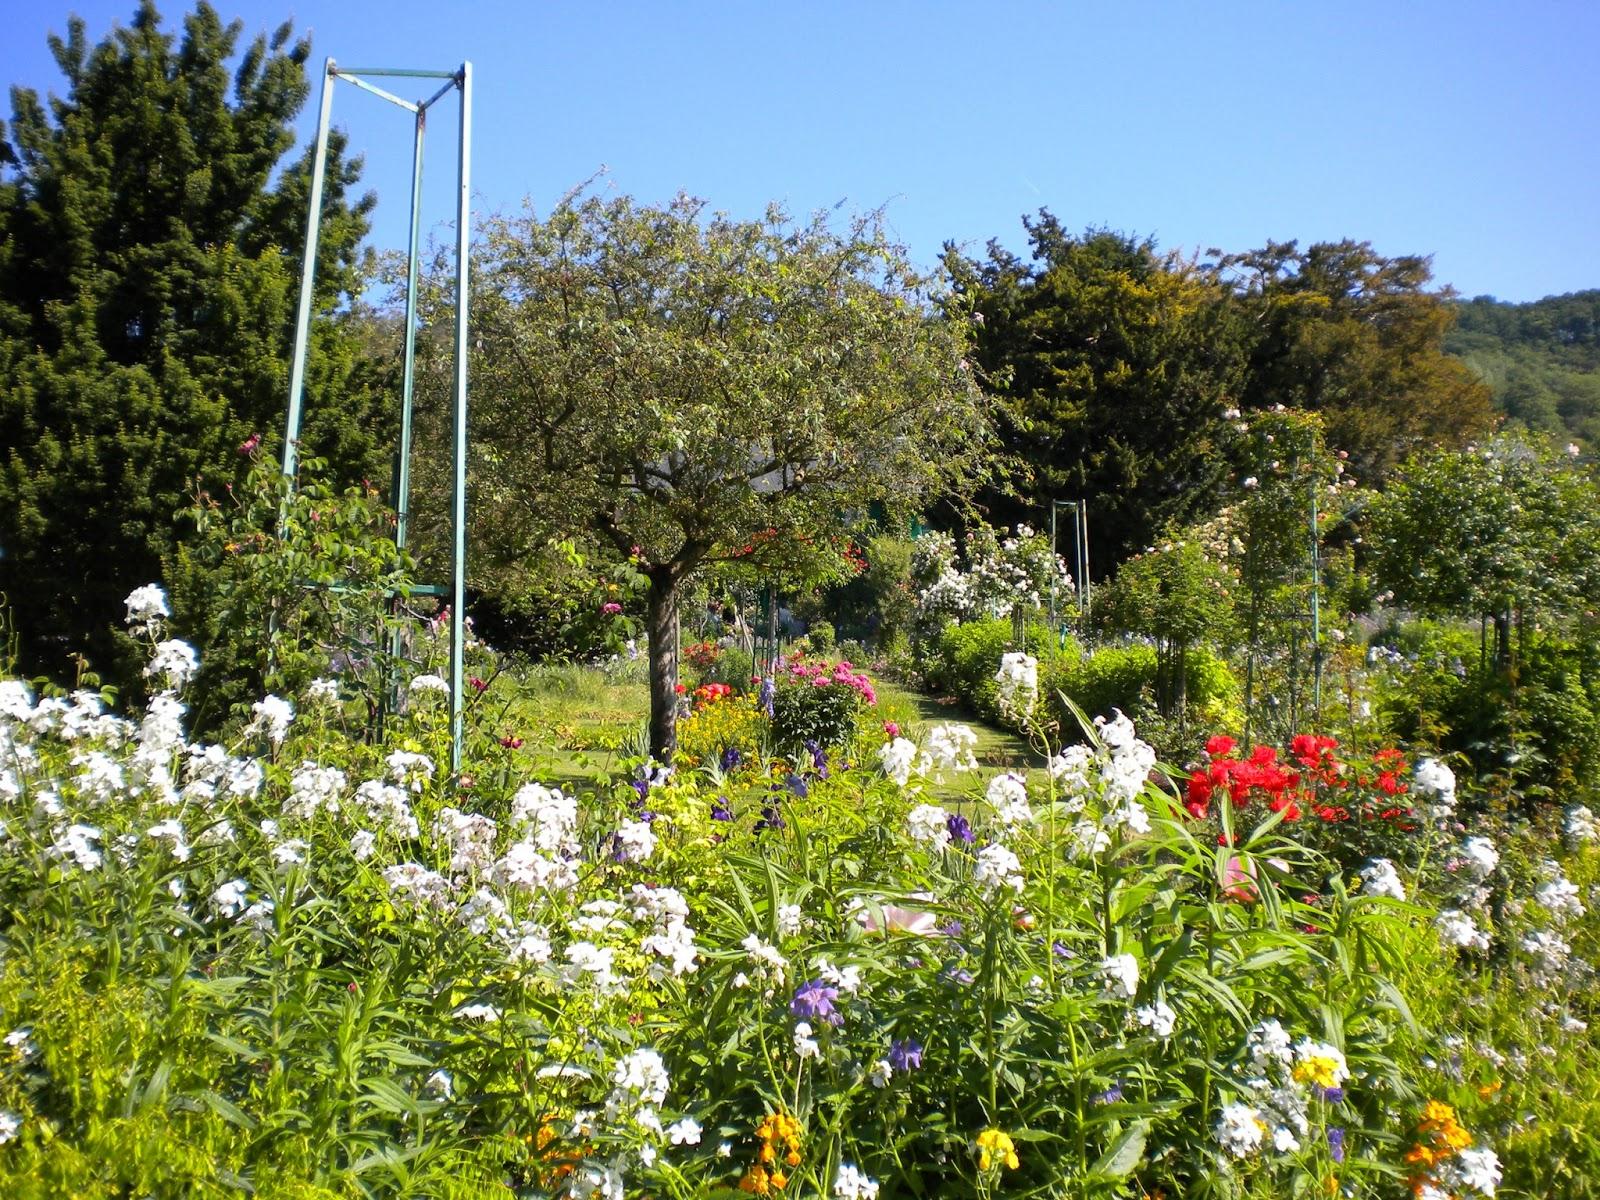 Notre classe de fran§ais 2 0 Le jardin de Claude Monet  Giverny